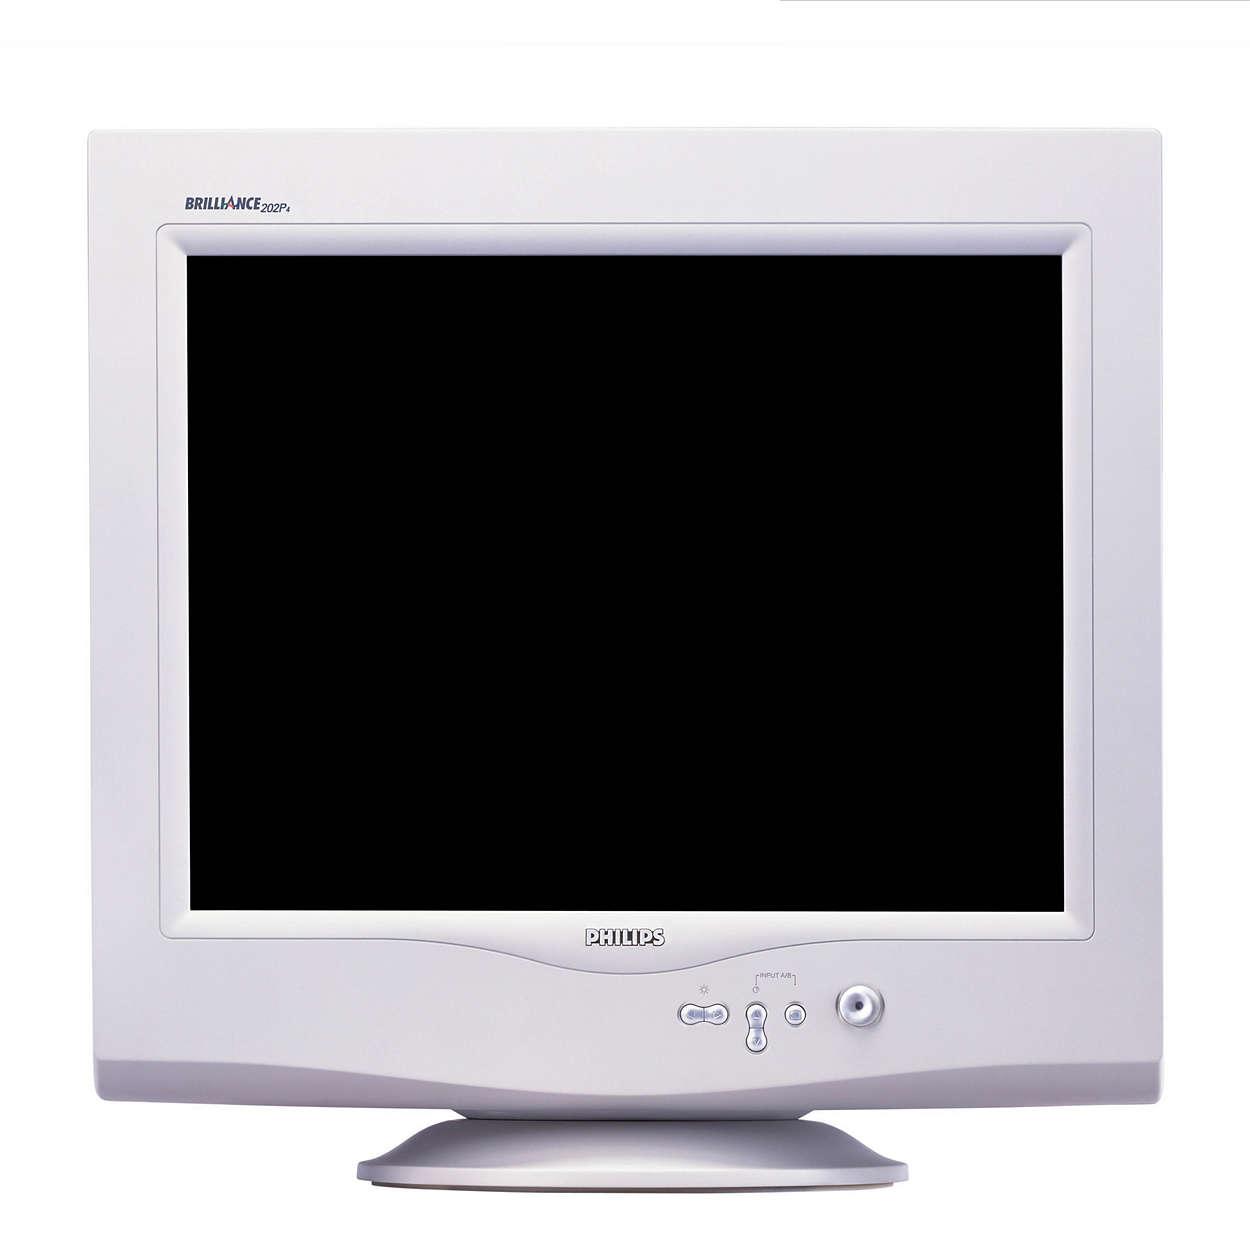 專業的 22 吋柵狀映像管螢幕